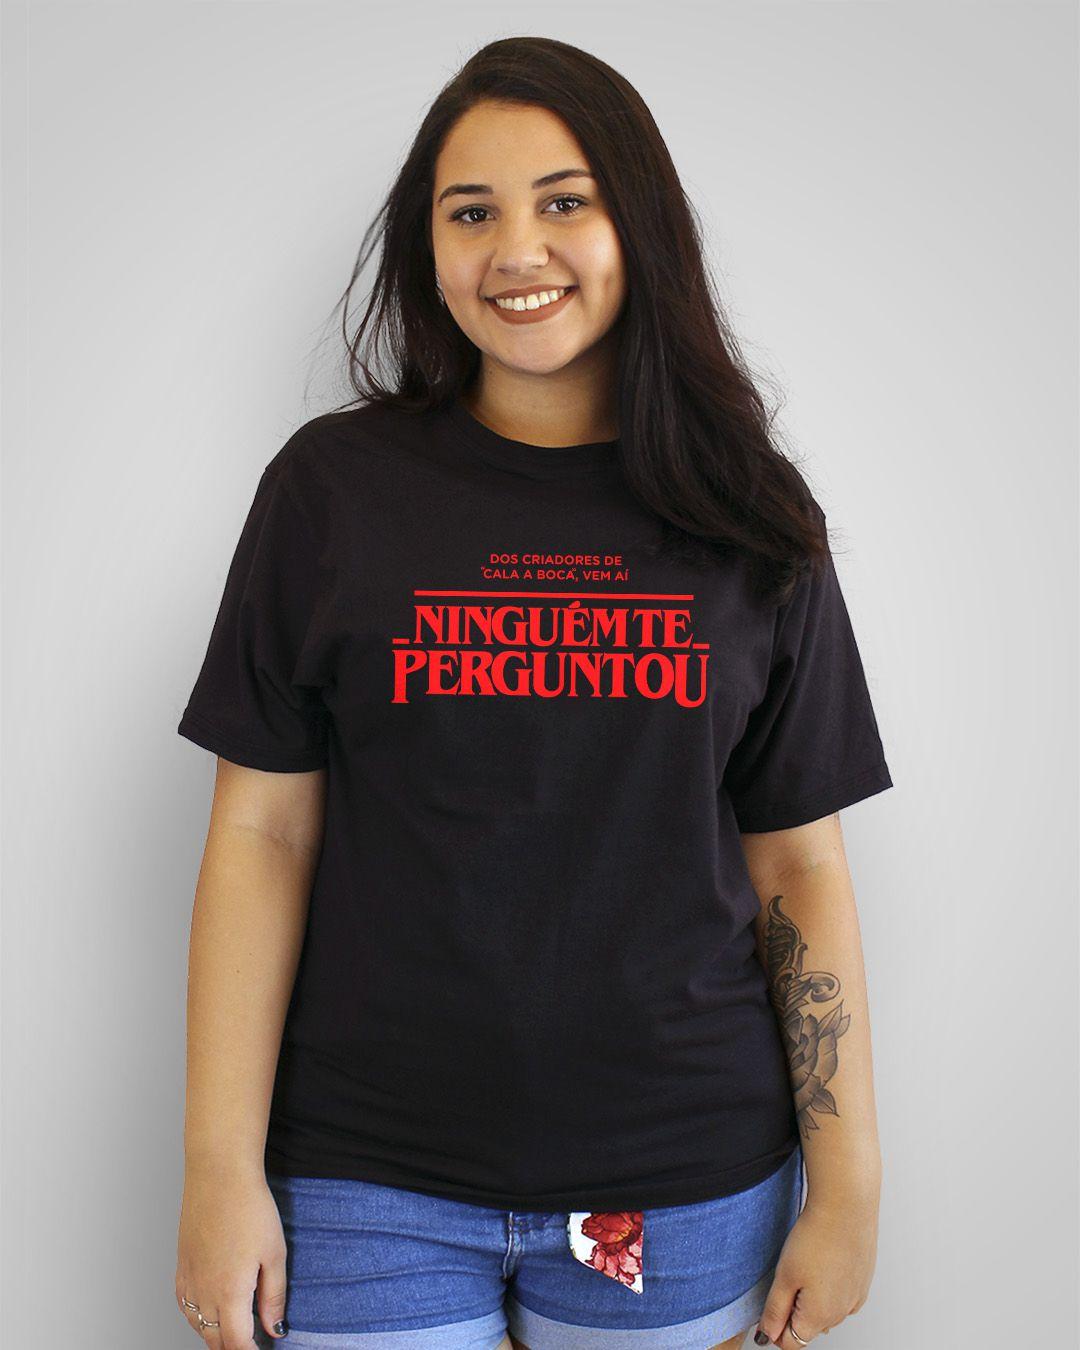 """Camiseta Dos criadores de """"Cala a boca"""", vem aí: Ninguém te perguntou"""